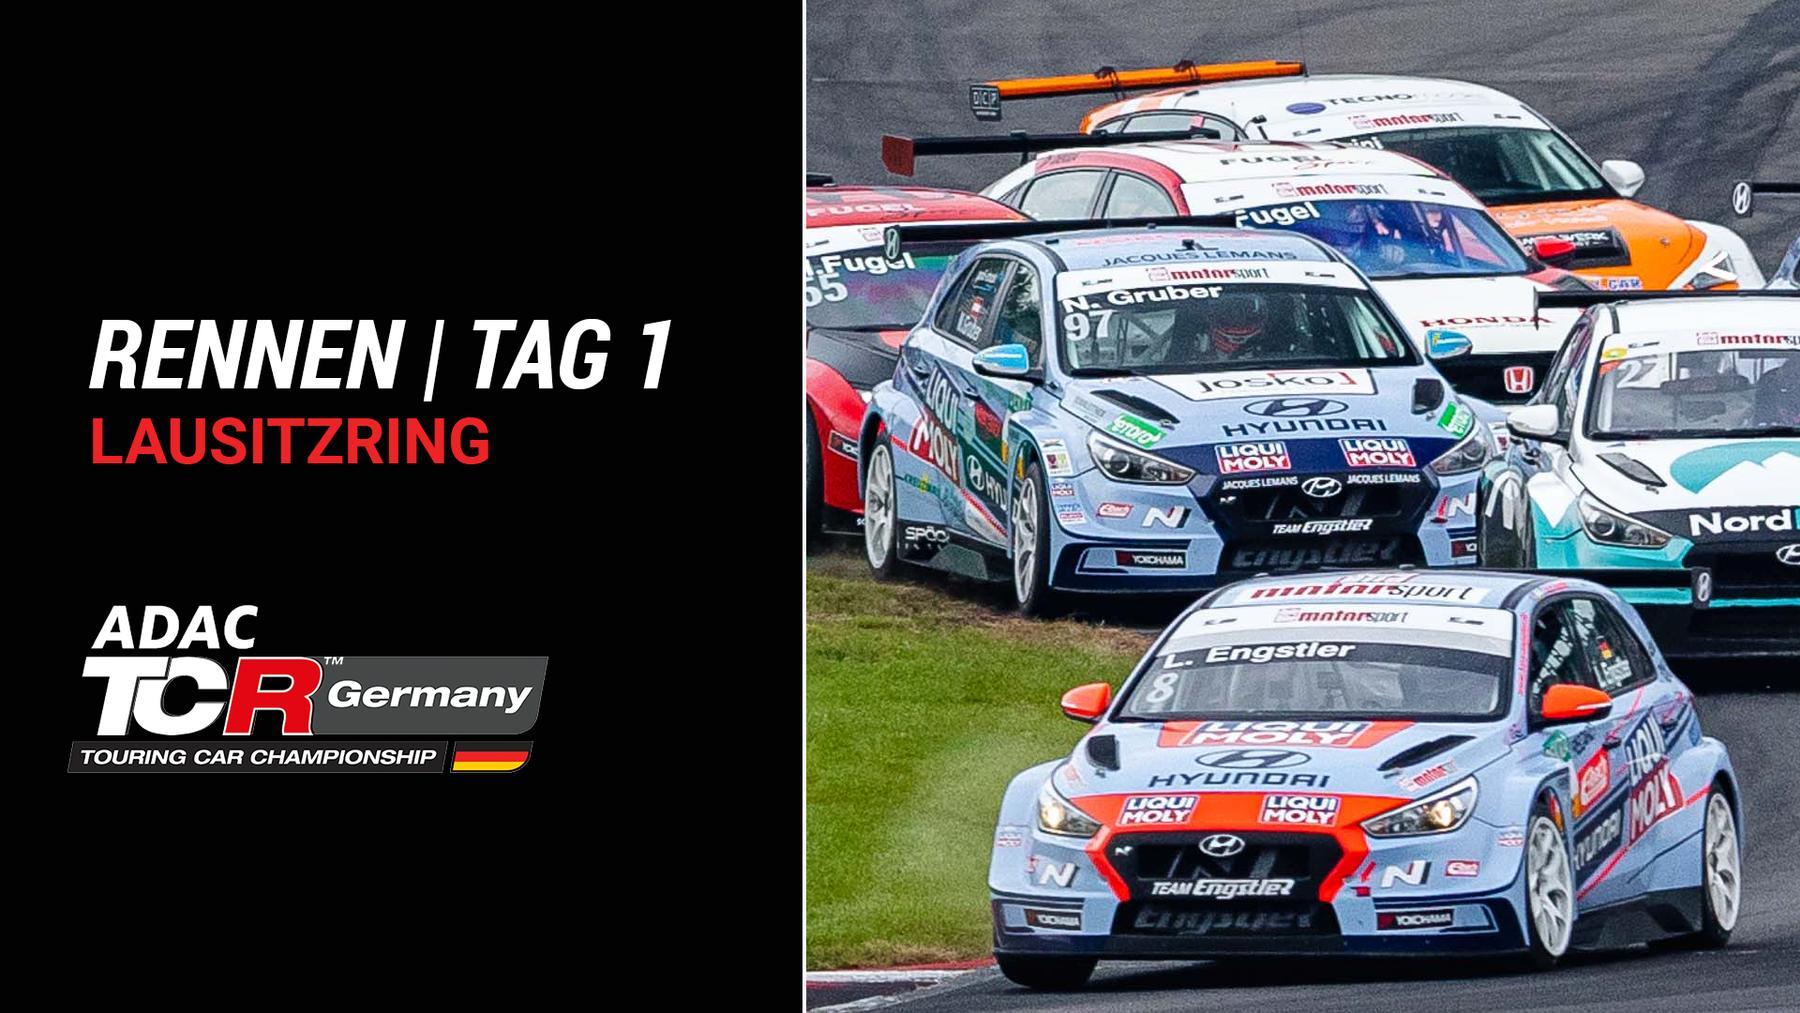 Lausitzring - Rennen 1